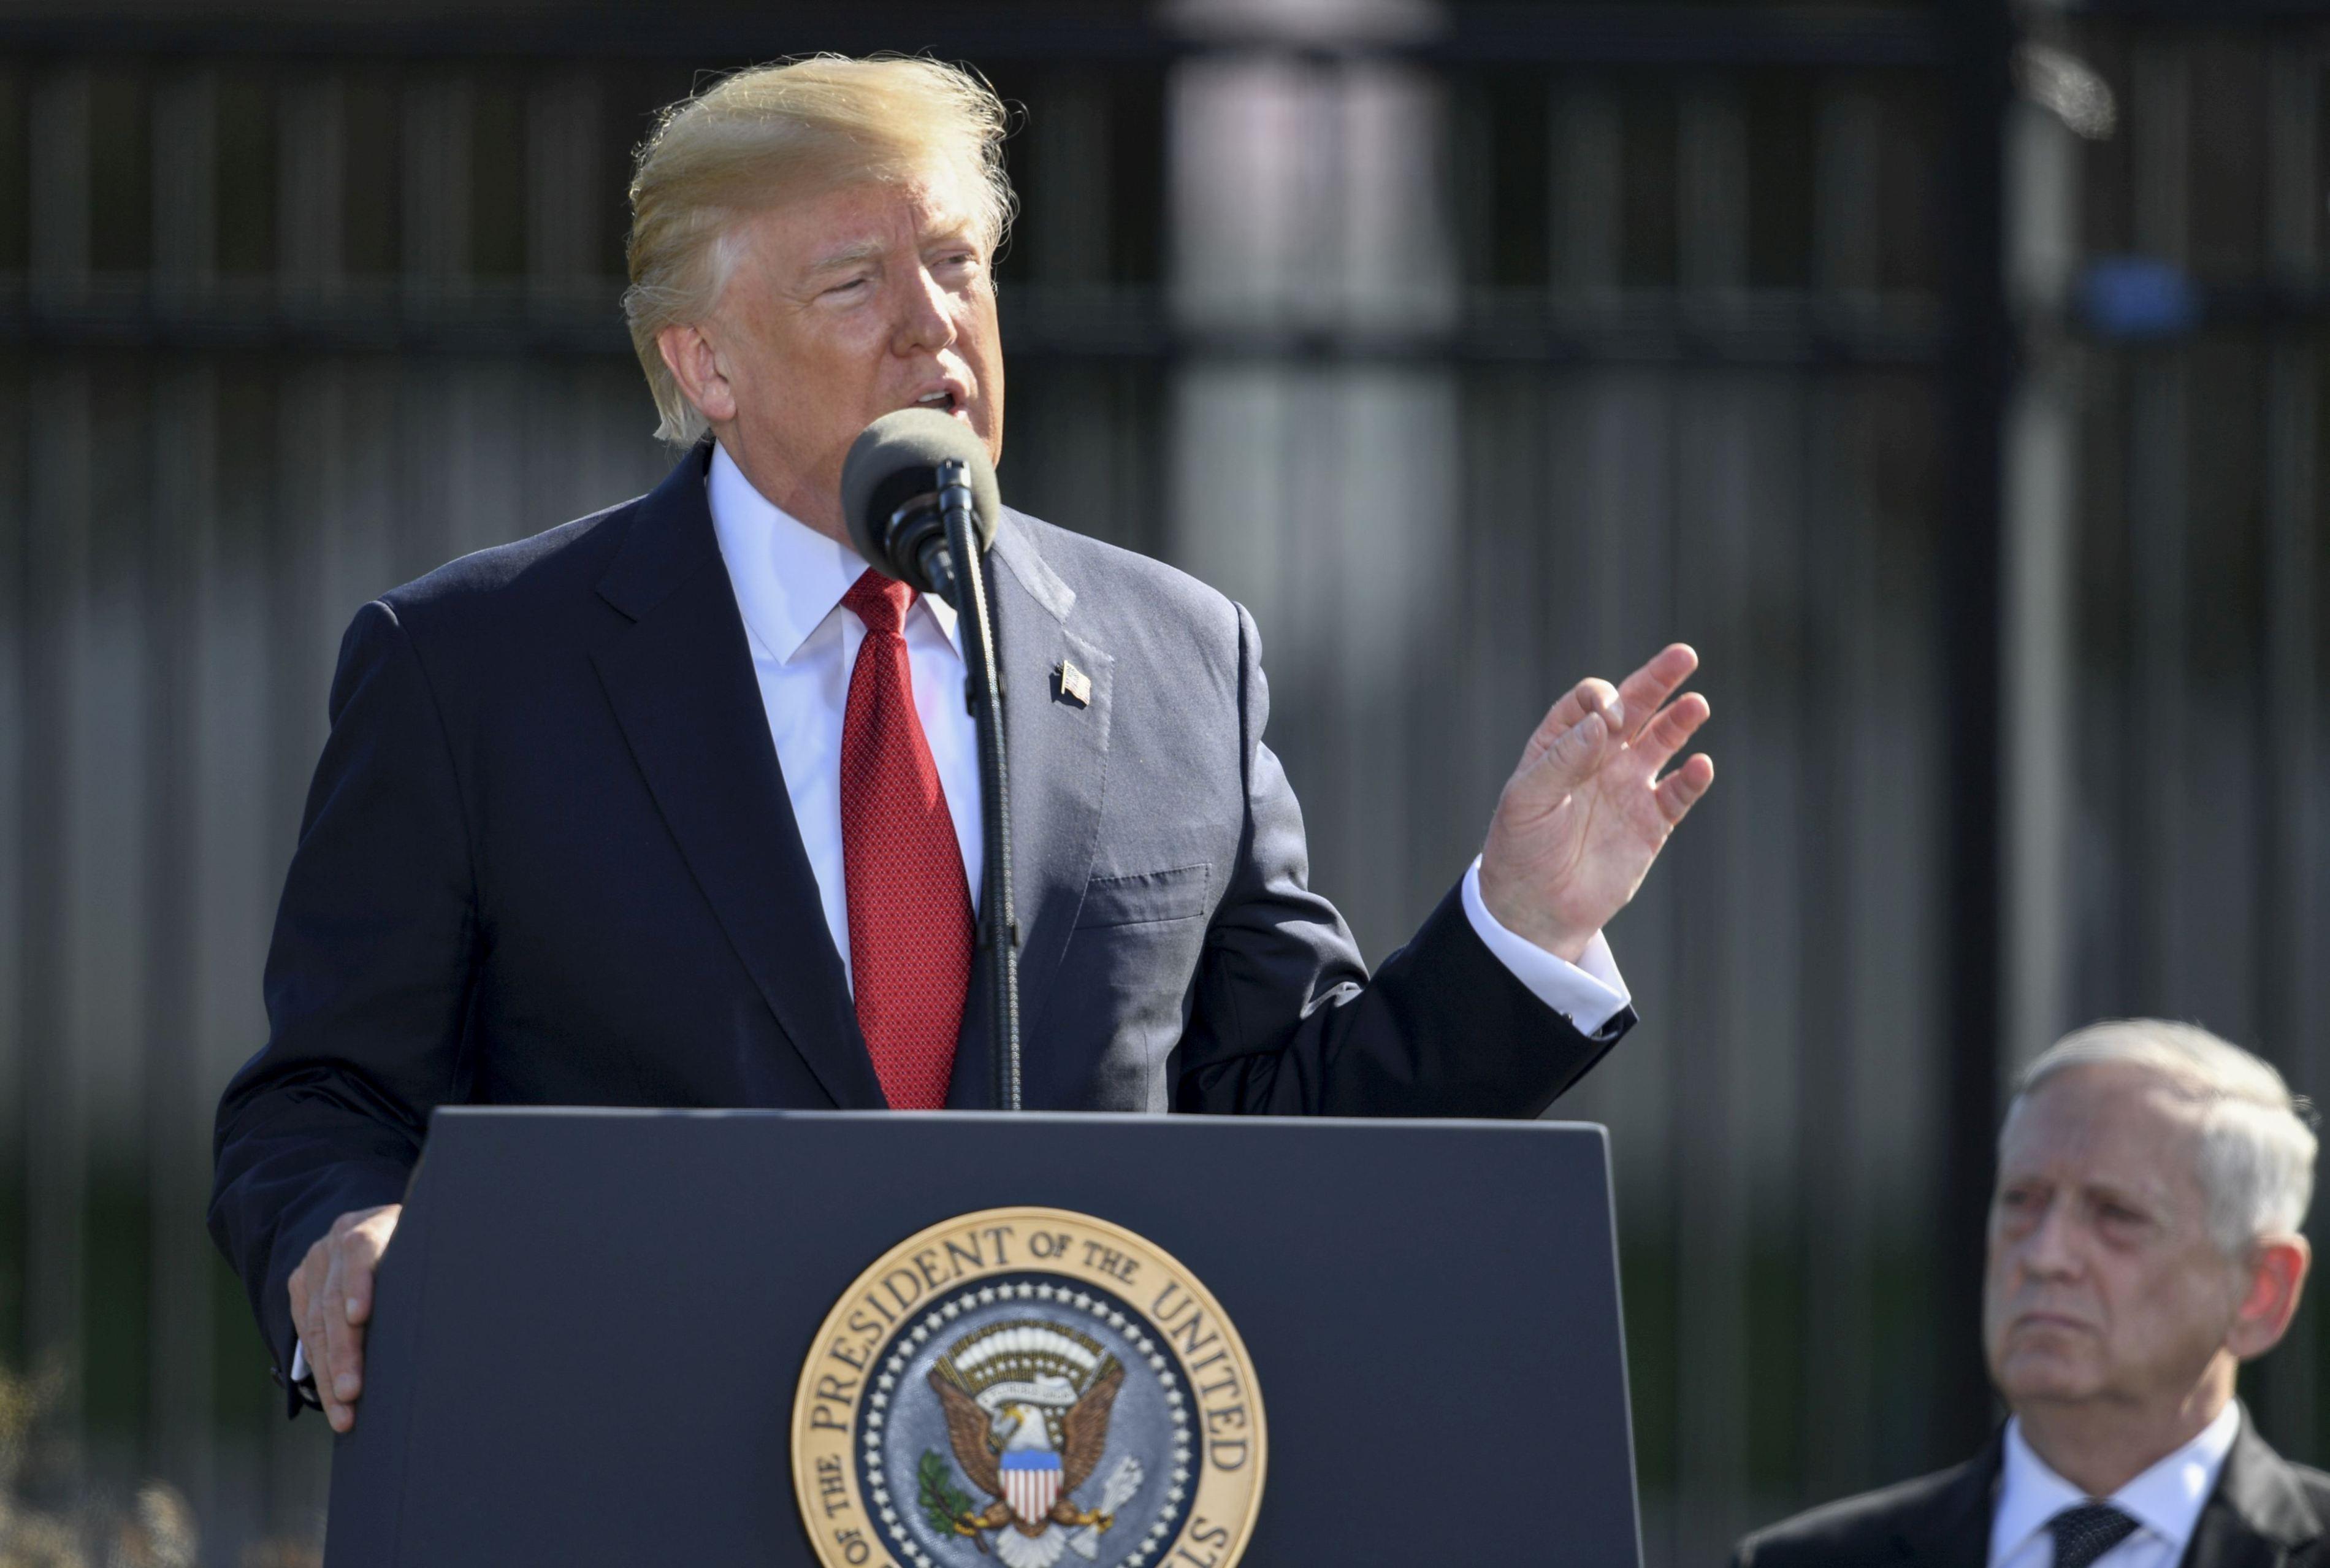 Donald Trump a ajuns în Coreea de Sud: `Sperăm că vom începe să colaborăm, pentru a crea o mulţime de locuri de muncă în Statele Unite`